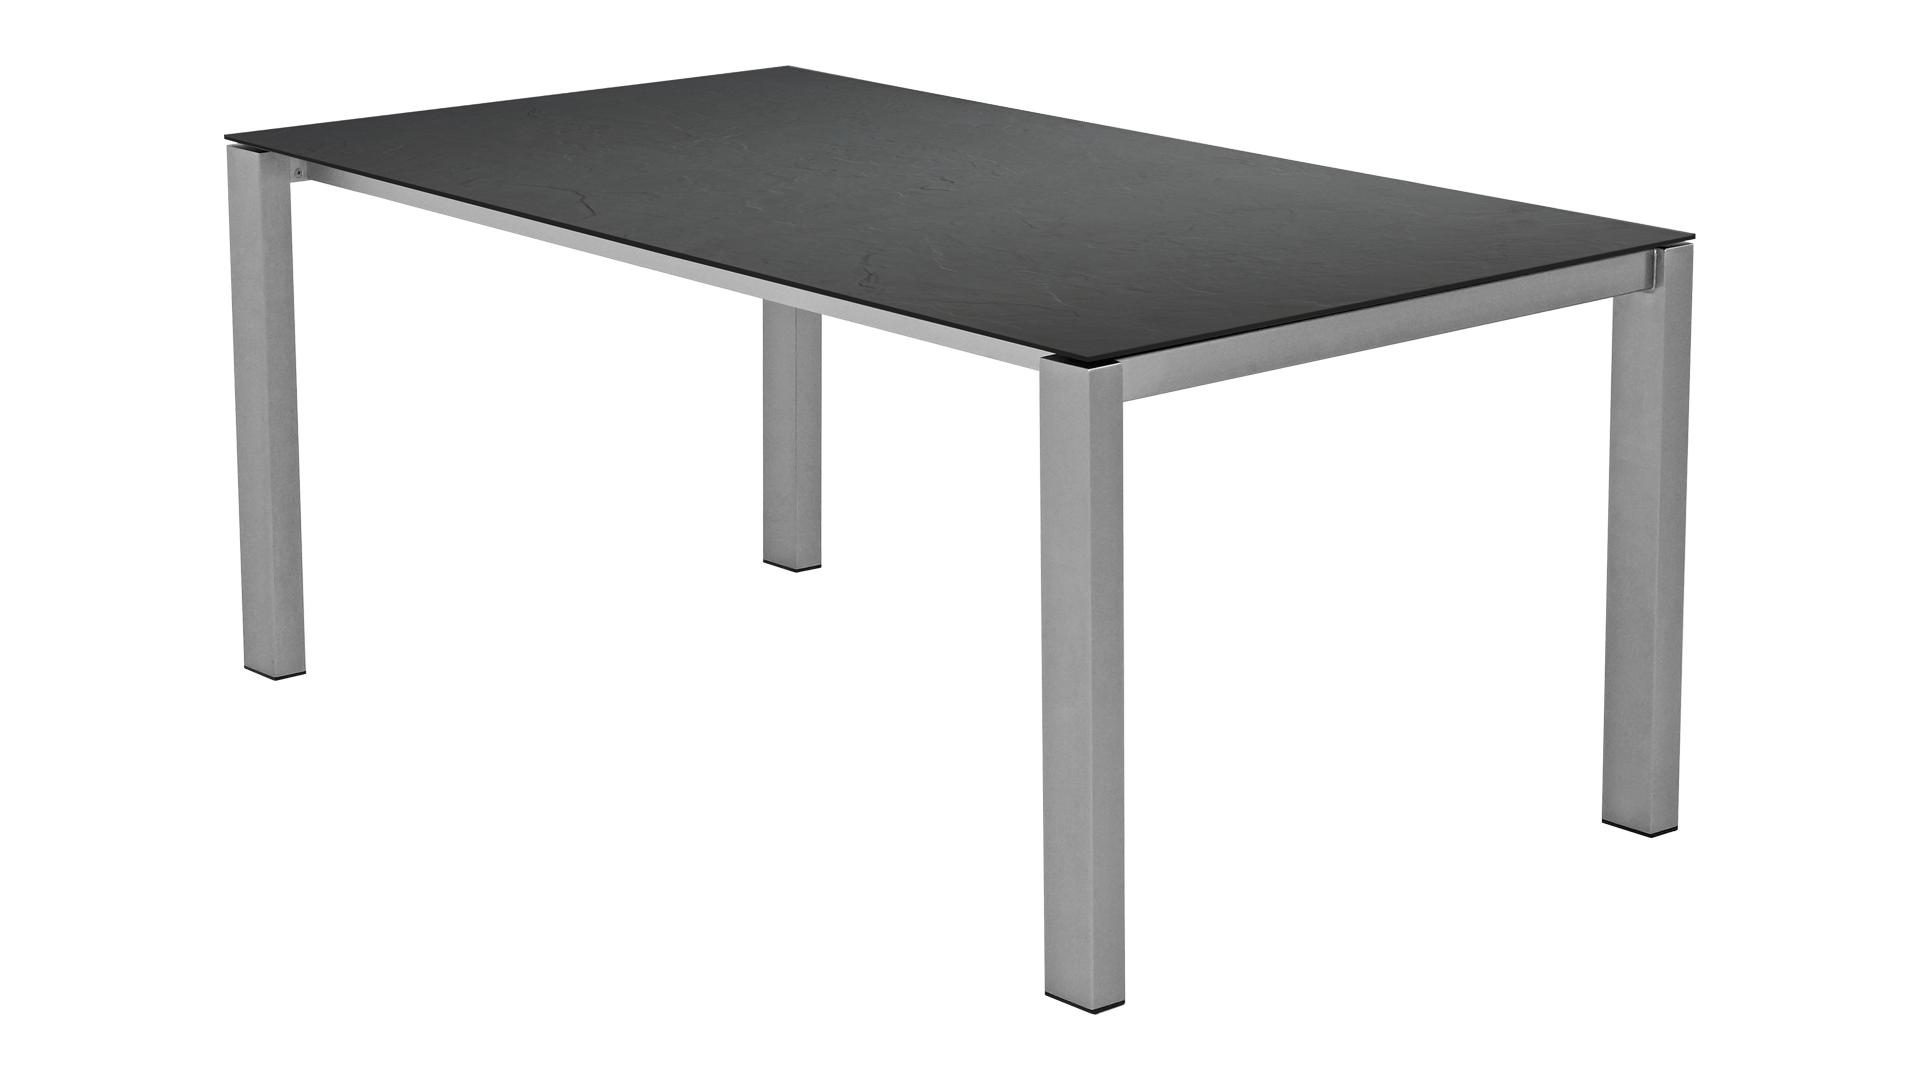 SUMMIT 952005 220-280-340x100 AZ Tisch mit zwei AZ Beine 80x50